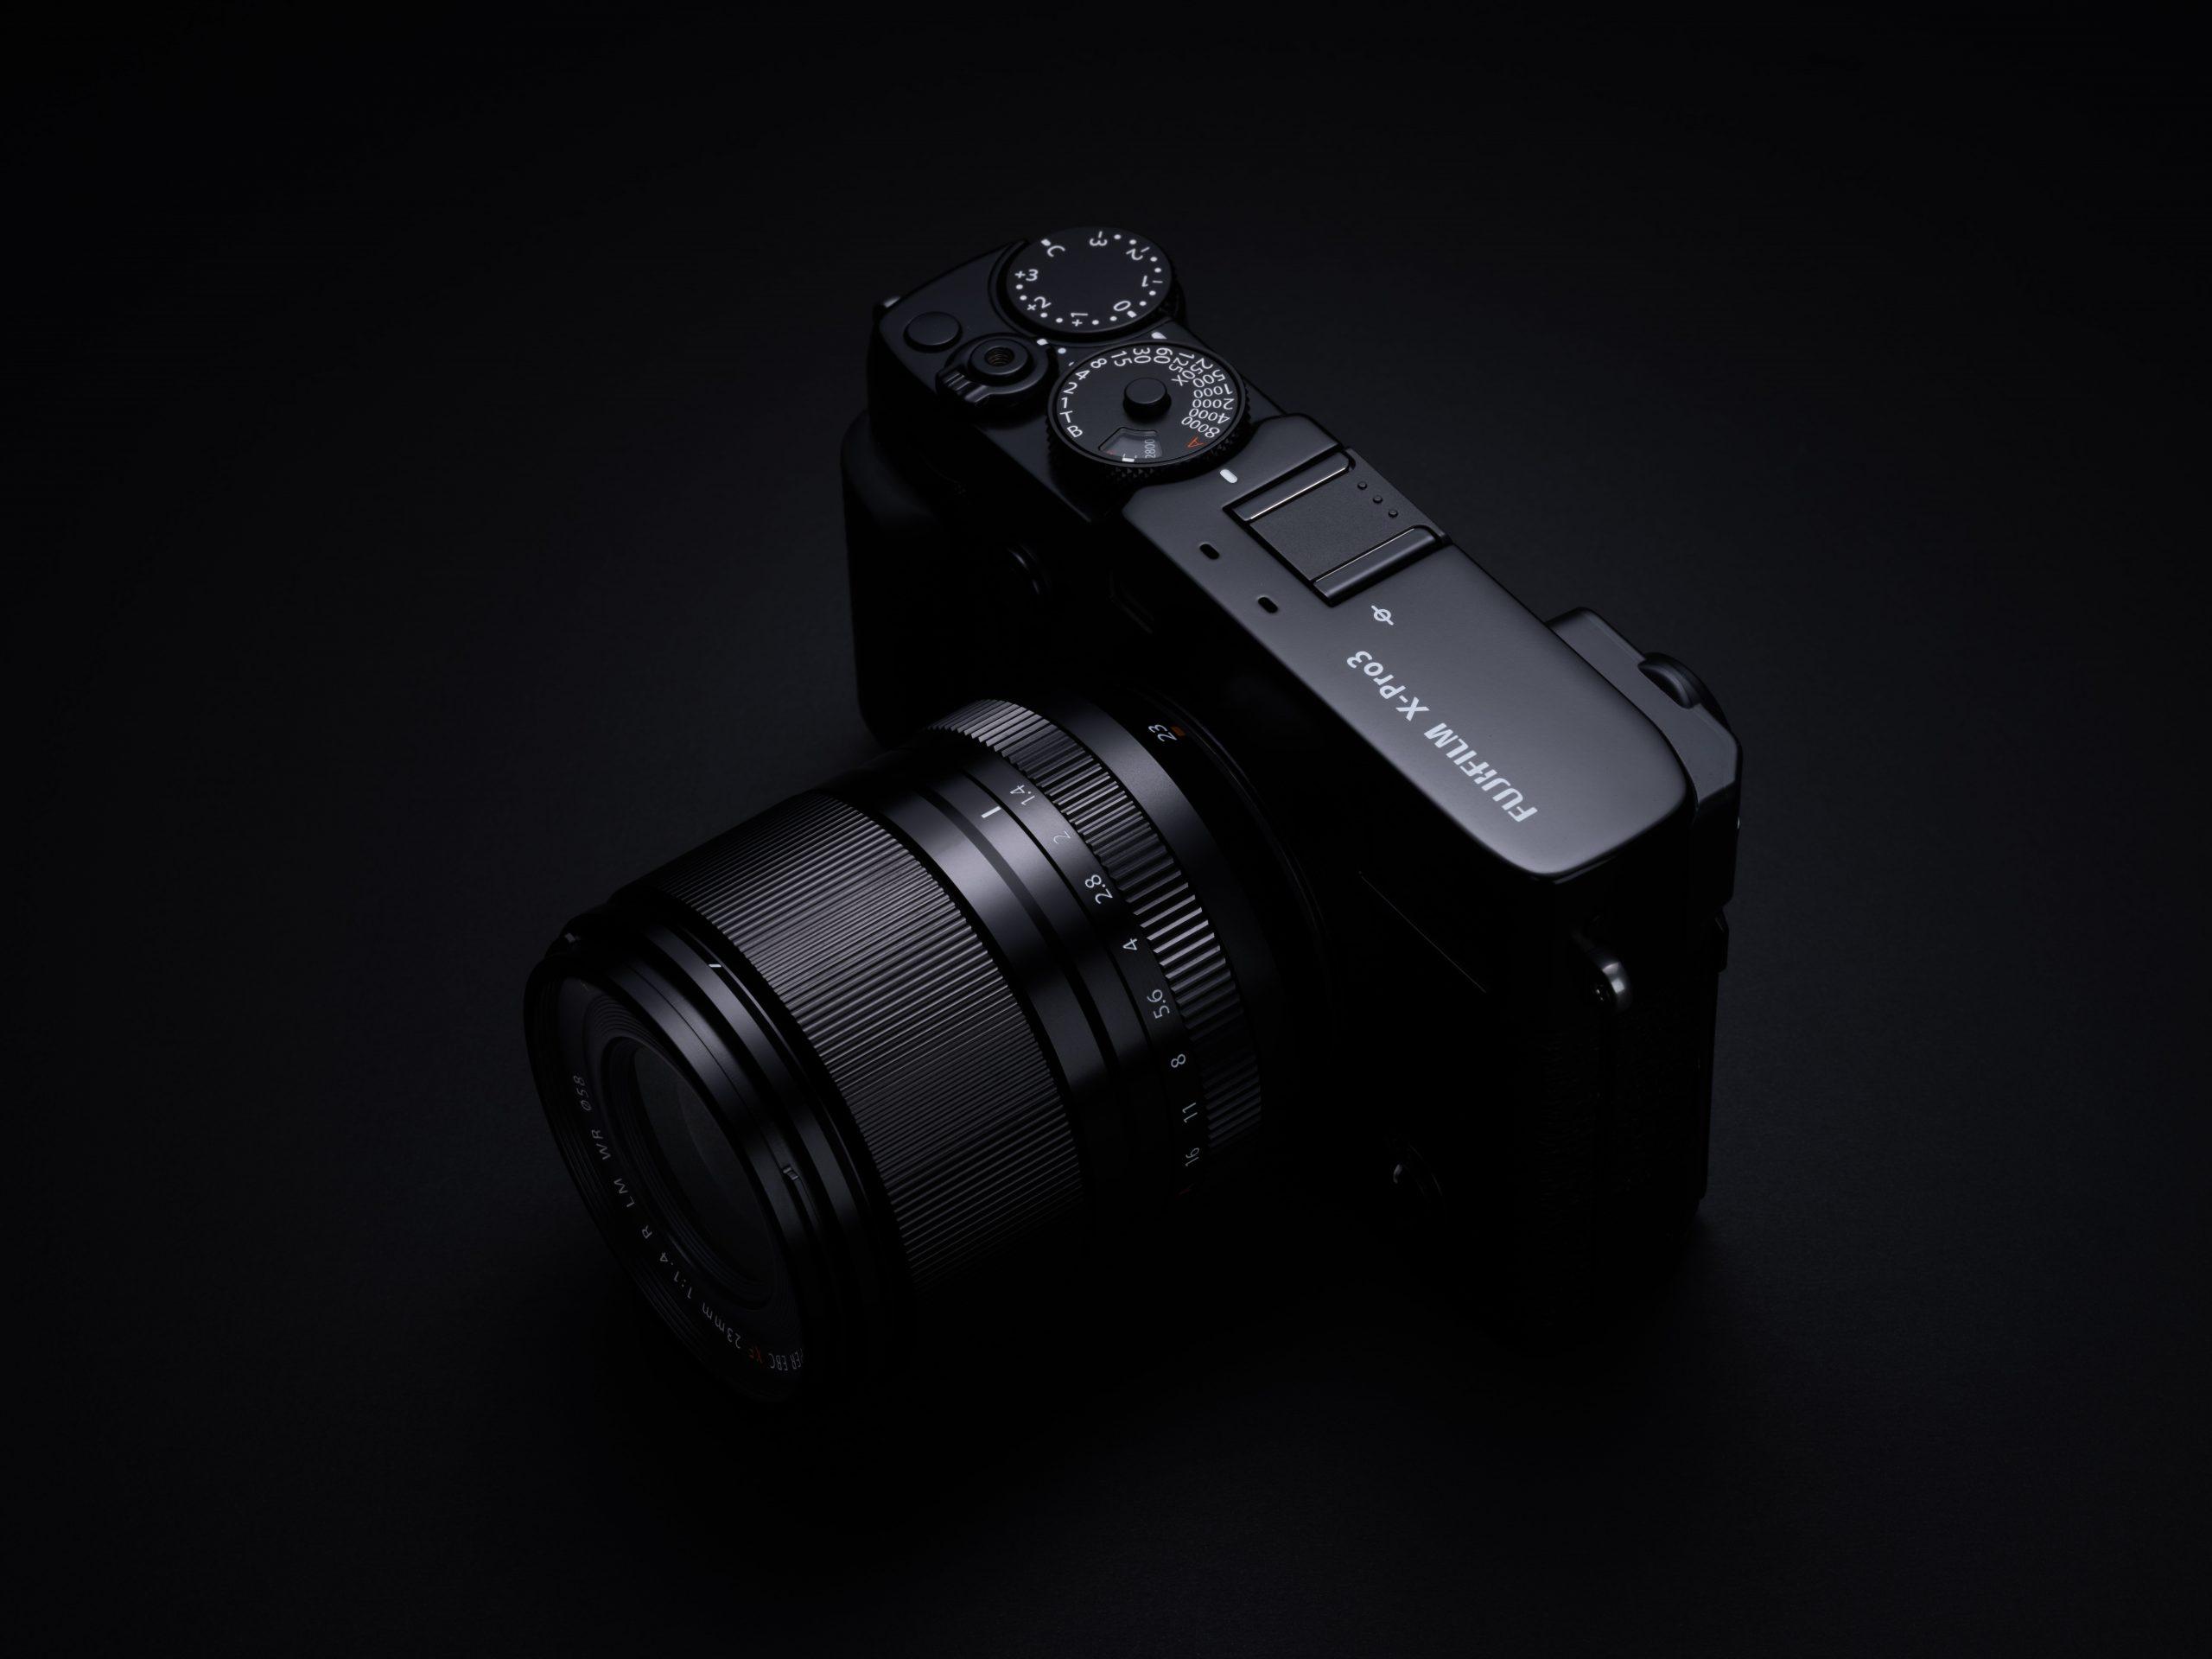 Fujifilm XF 23mm f/1.4 R LM WR